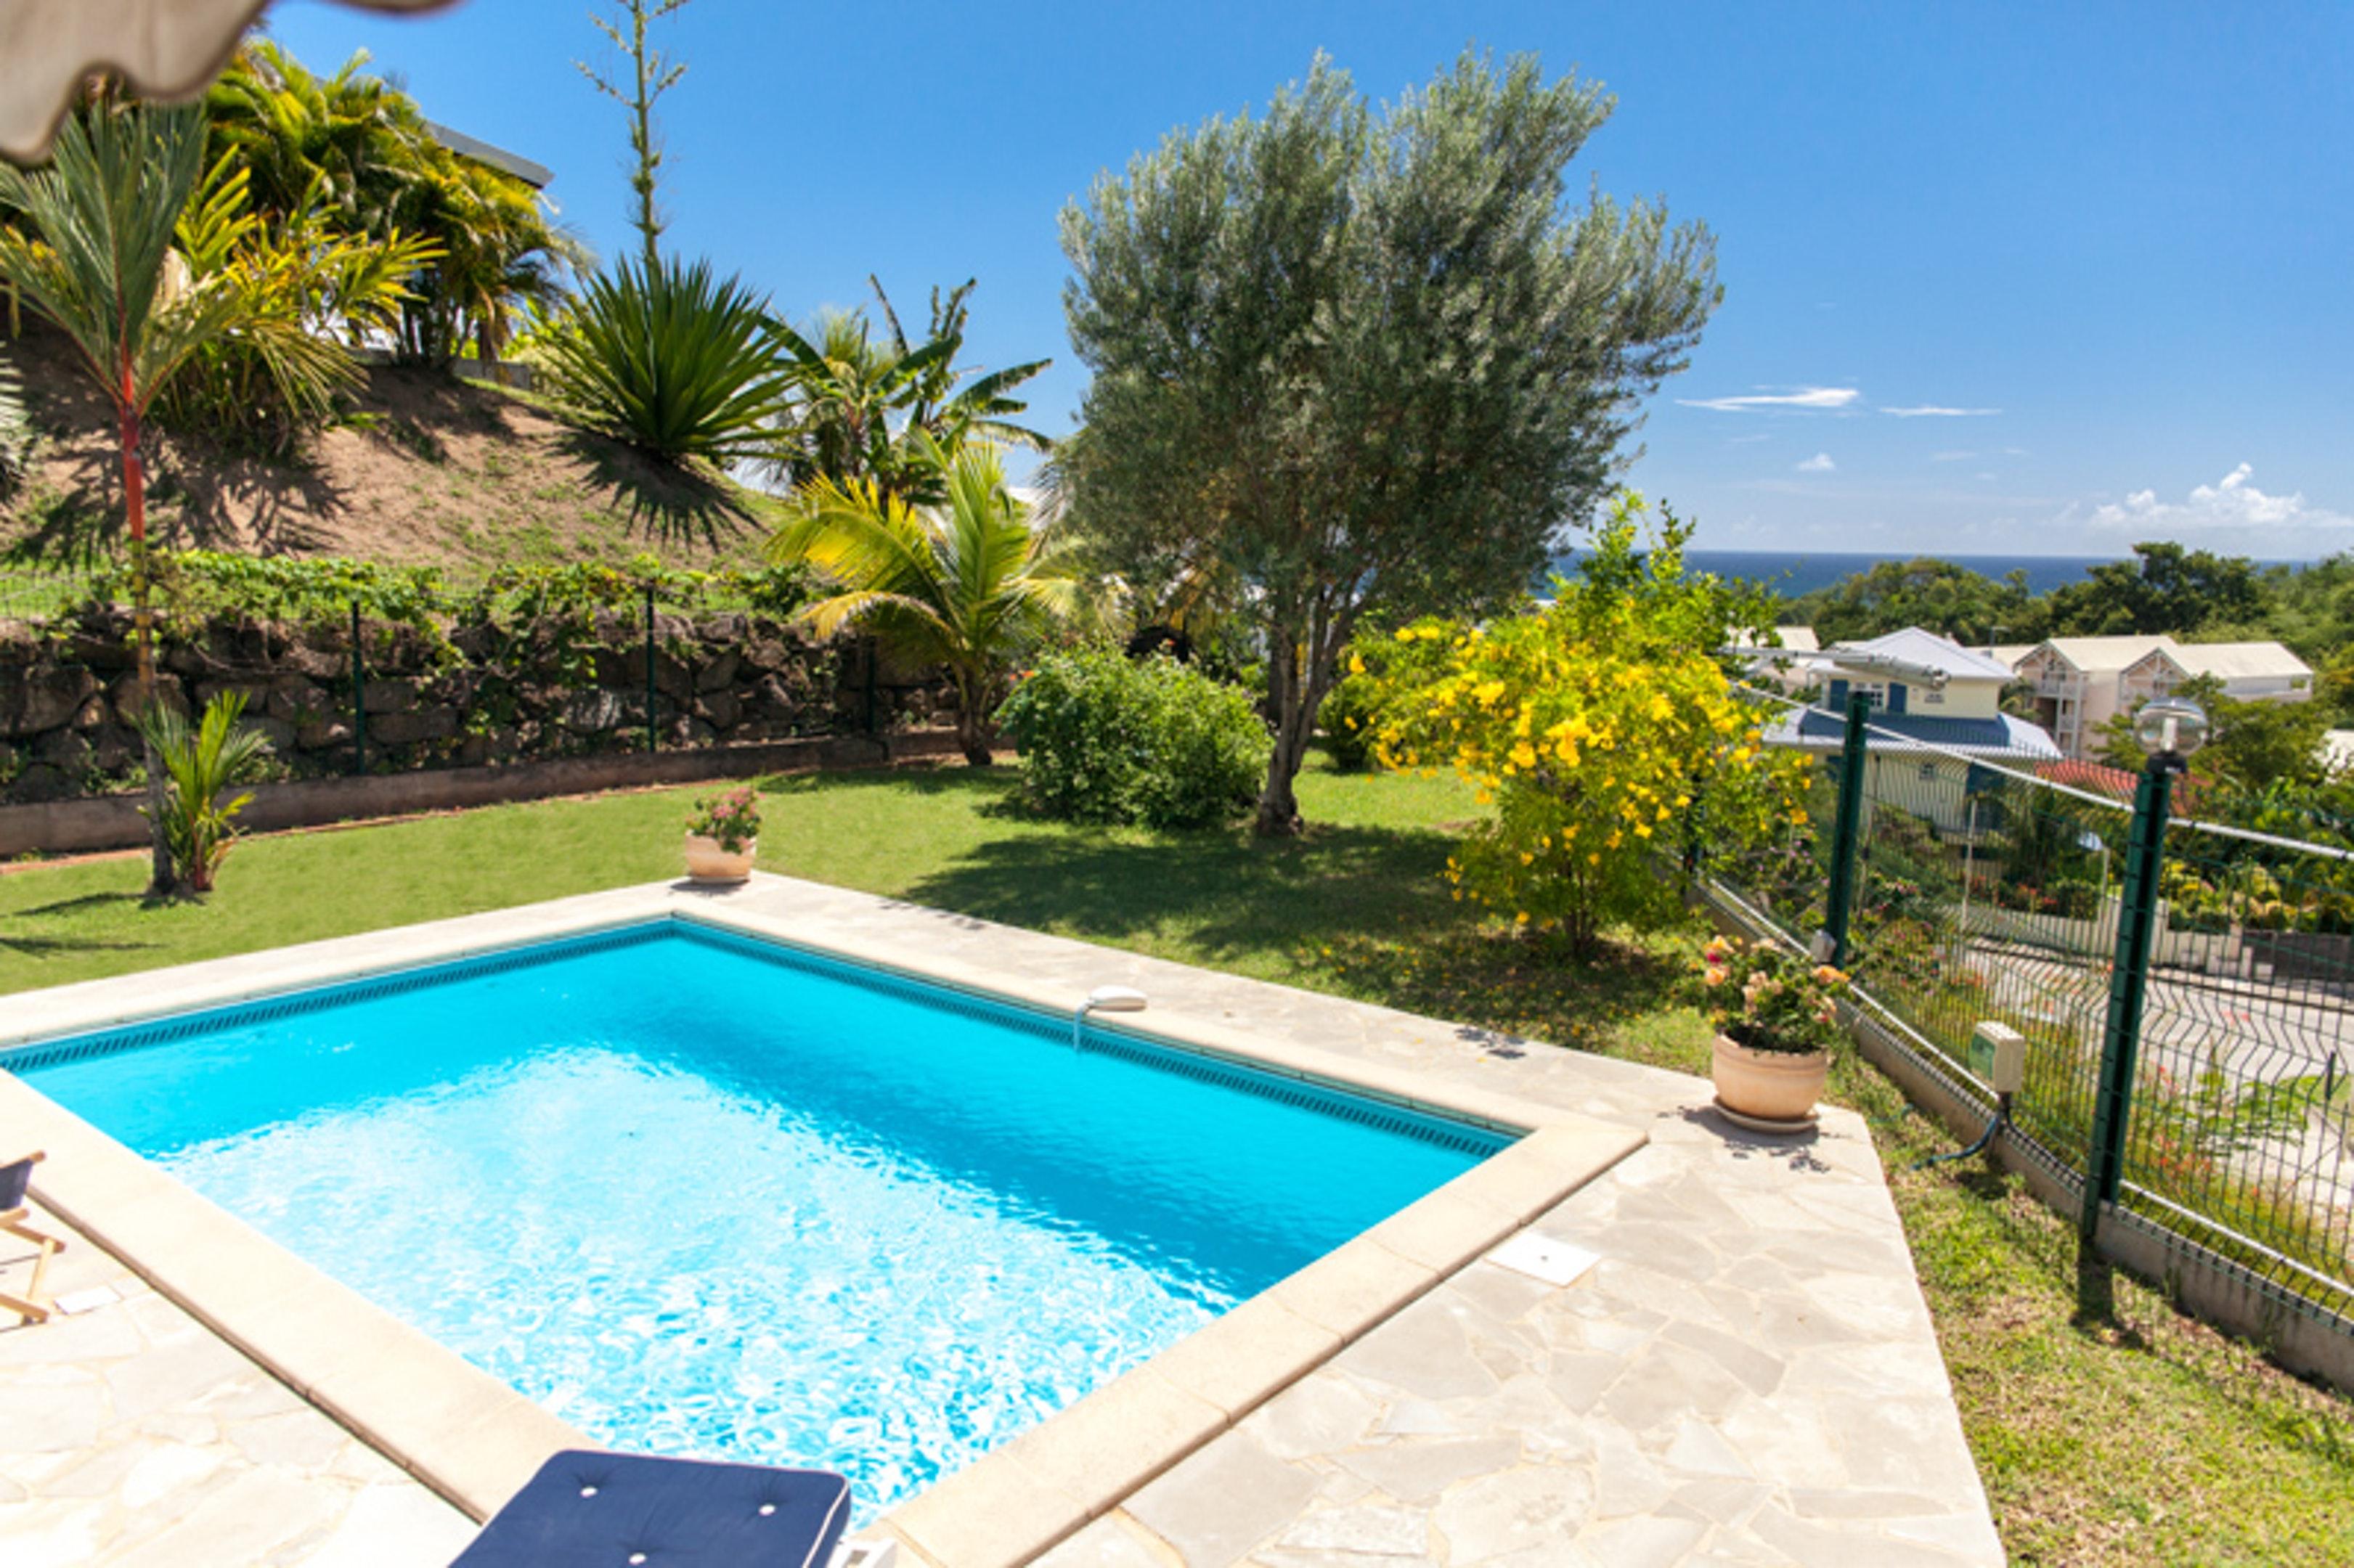 Villa de 3 habitaciones en Le Diamant, con magnificas vistas al mar, piscina privada, terraza amueblada